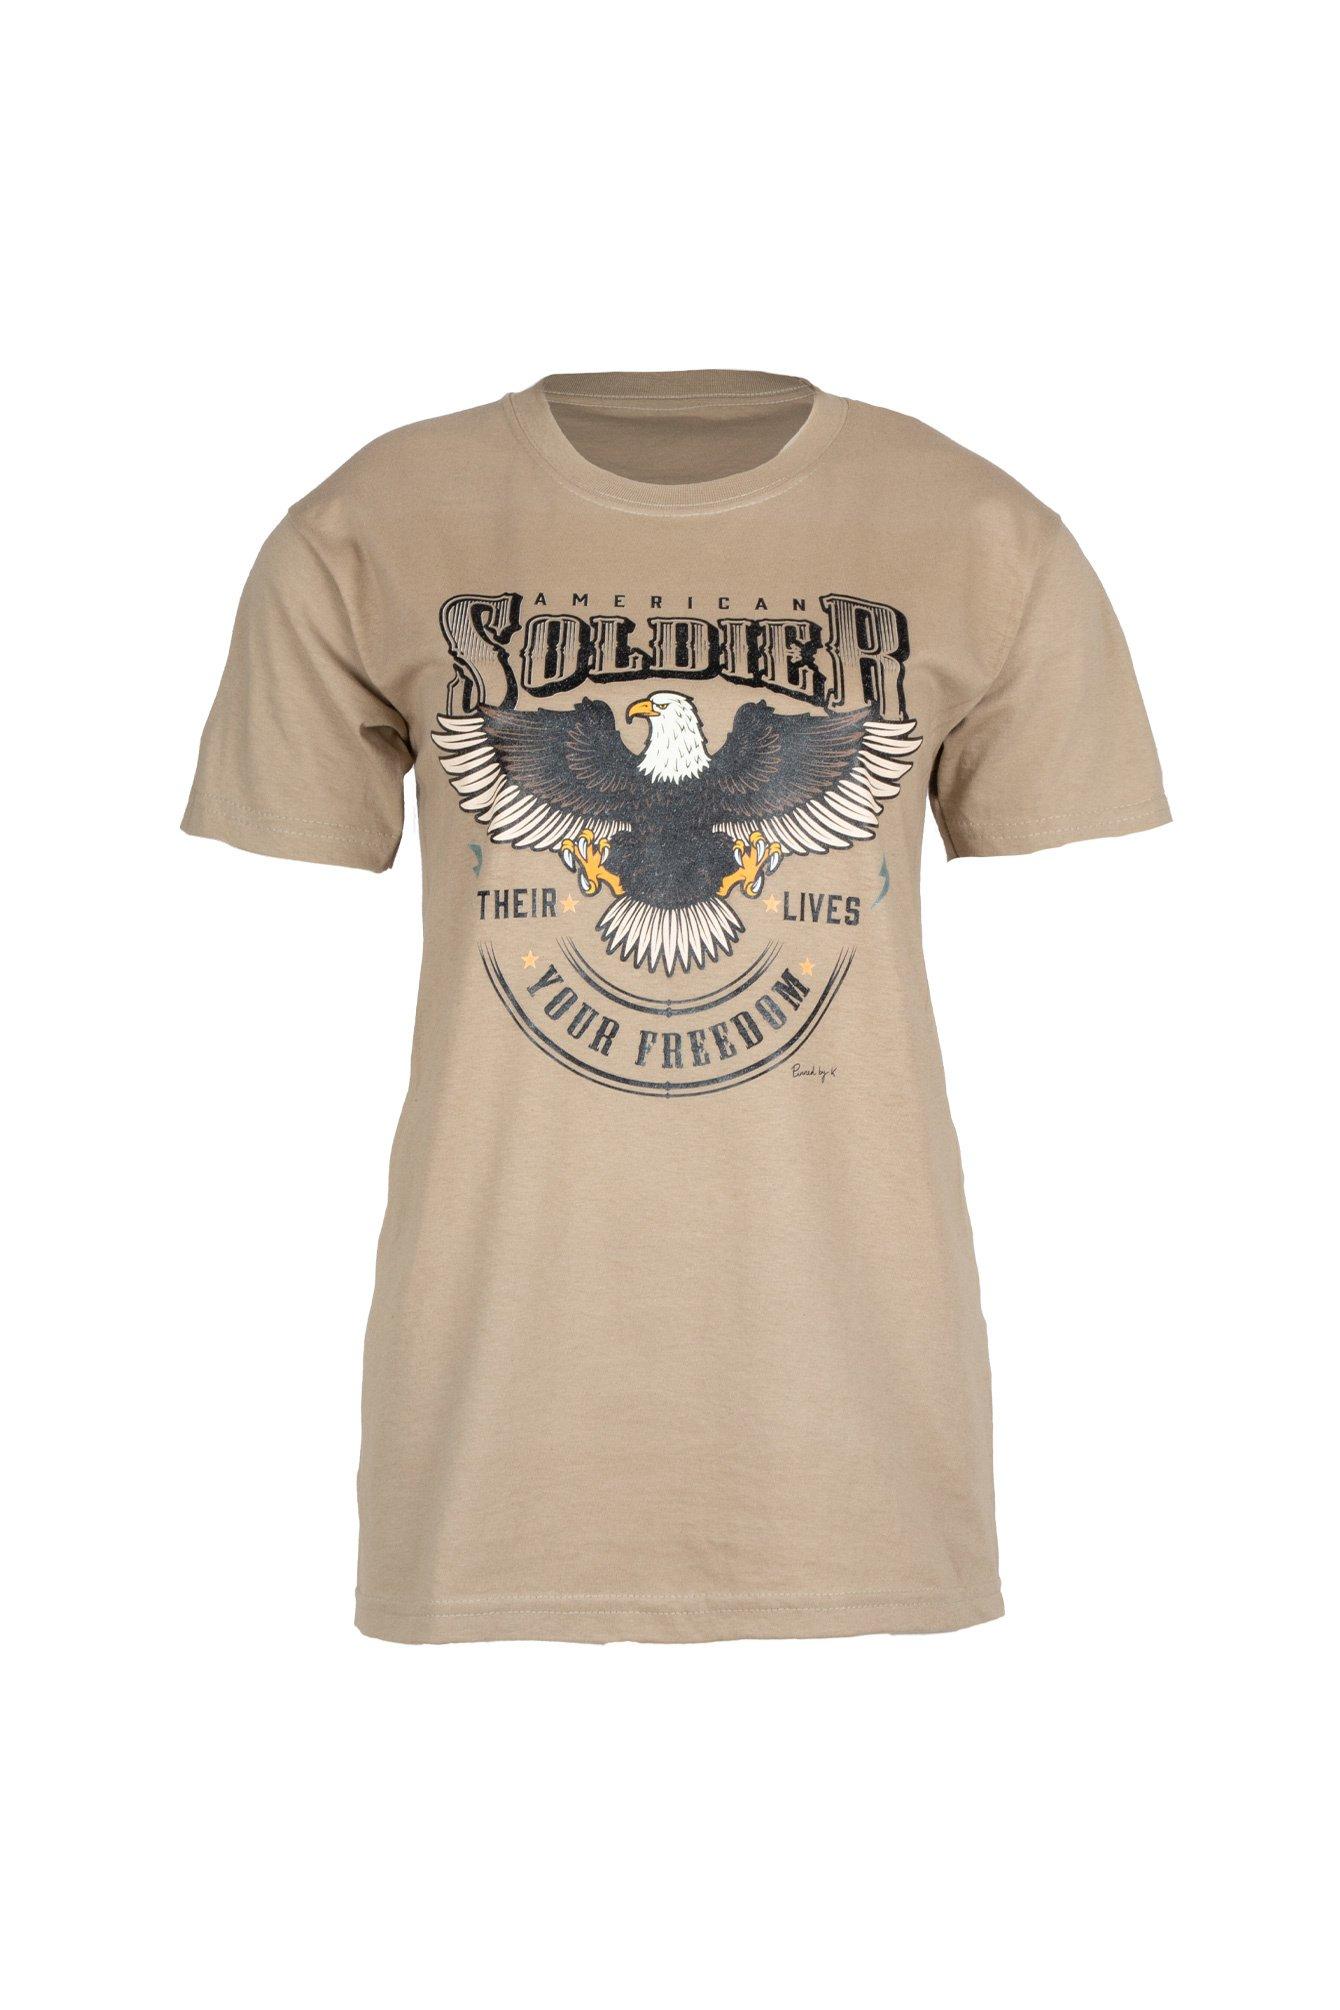 T-shirt Soldier beige